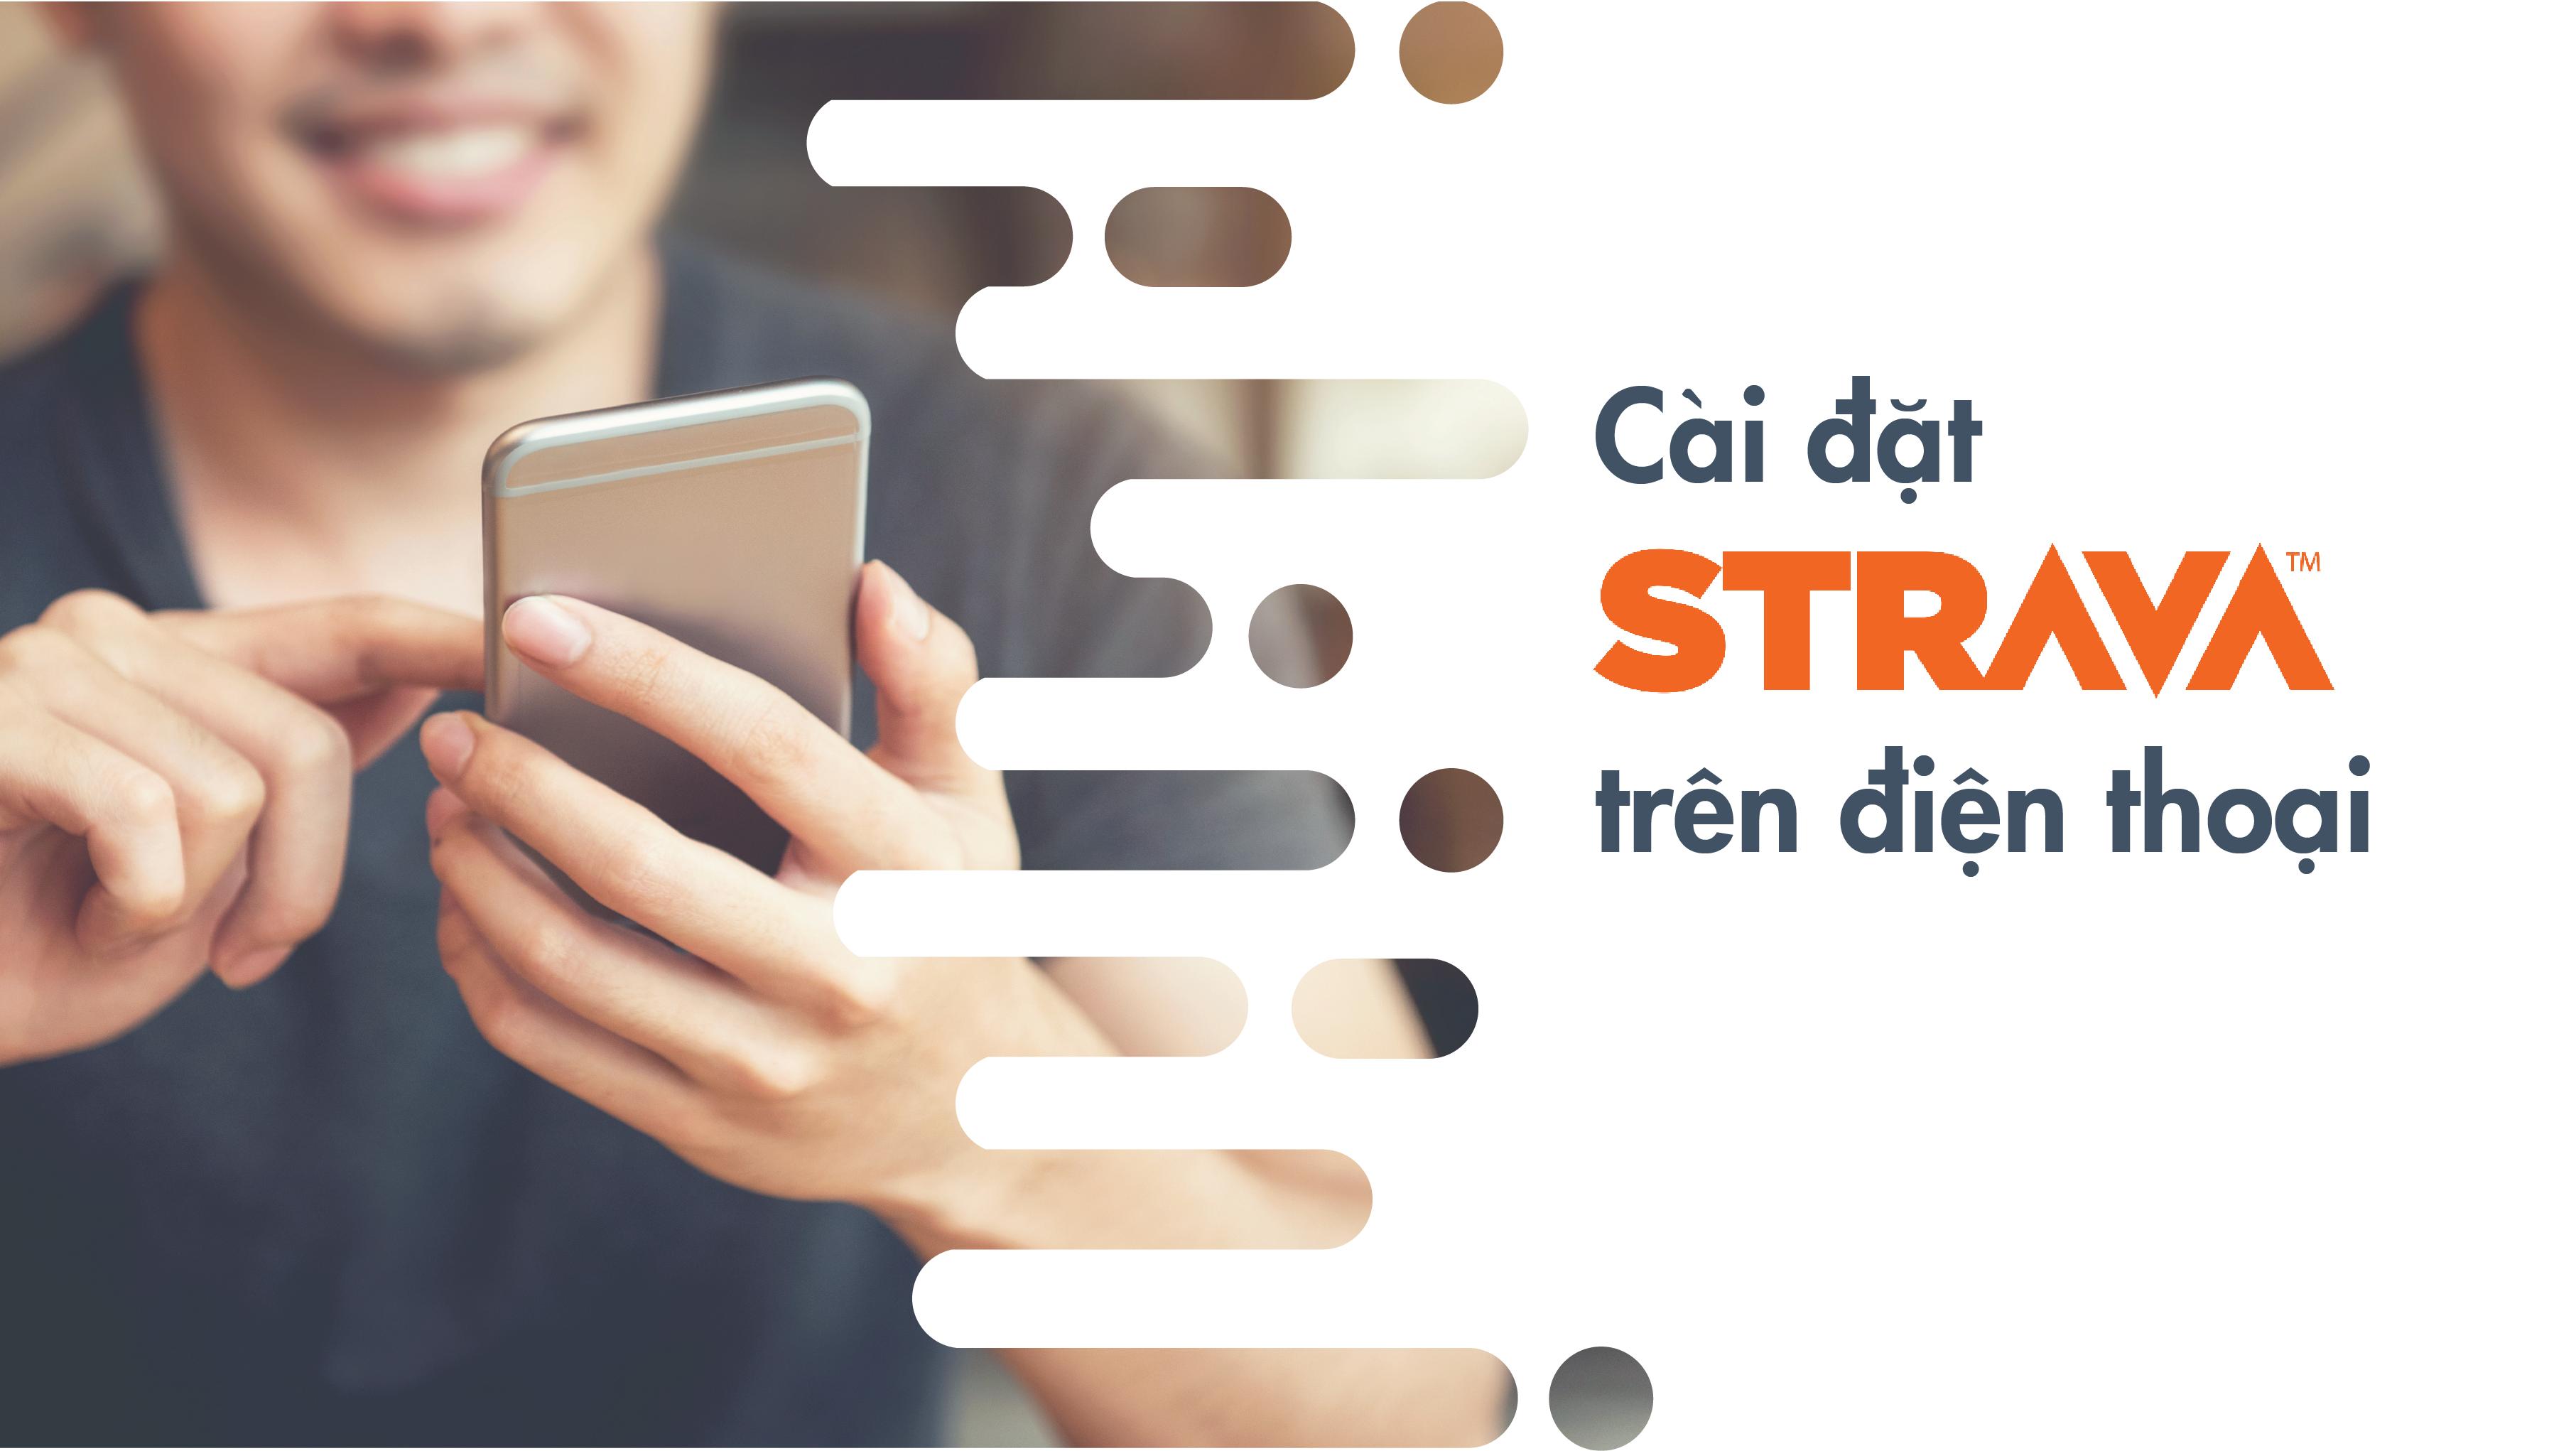 Hướng dẫn cài đặt ứng dụng STRAVA trên điện thoại